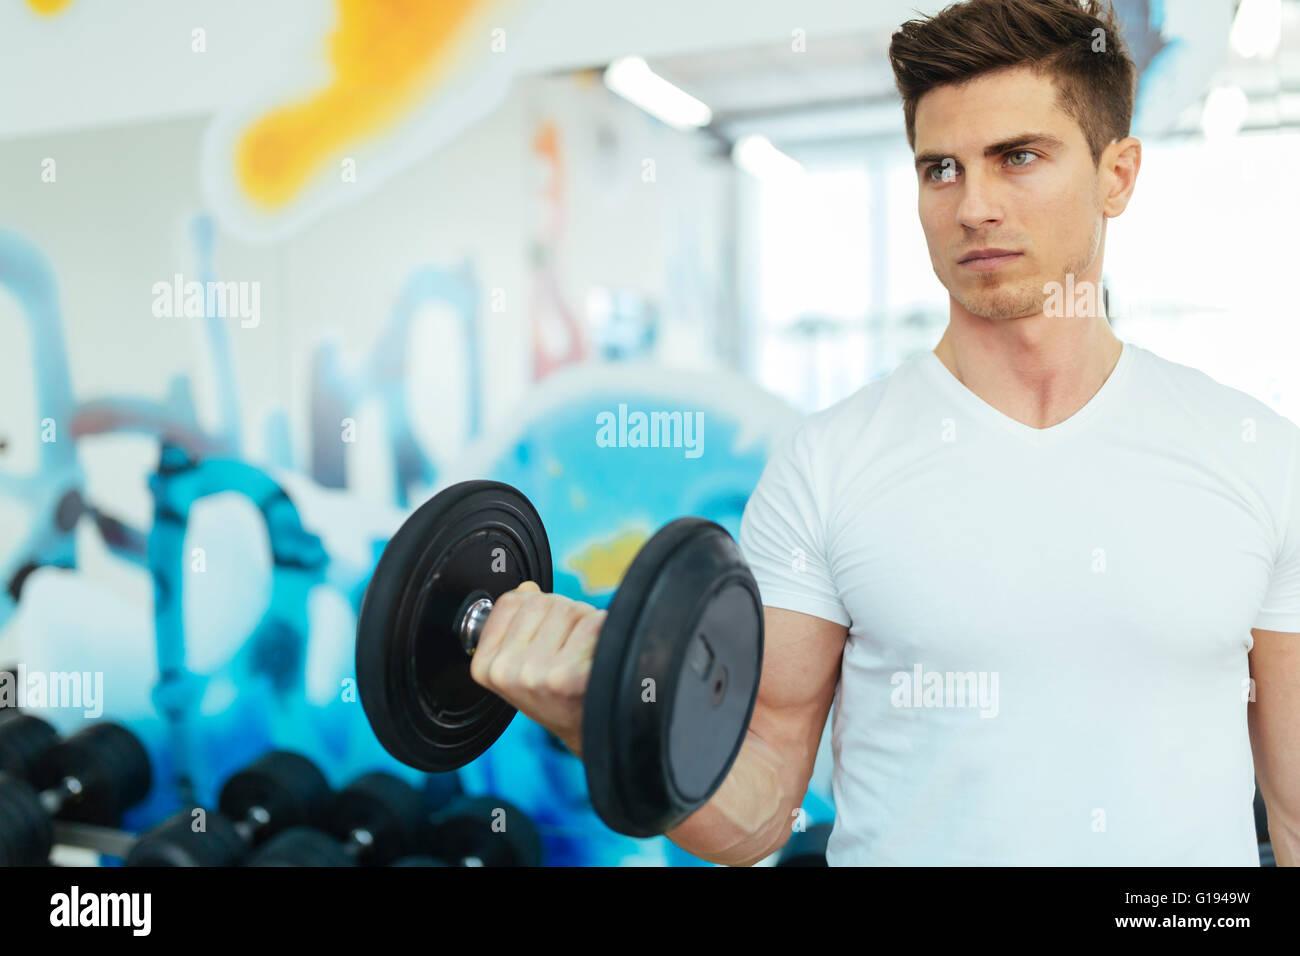 Uomo bello il sollevamento pesi in palestra e stare in forma Immagini Stock